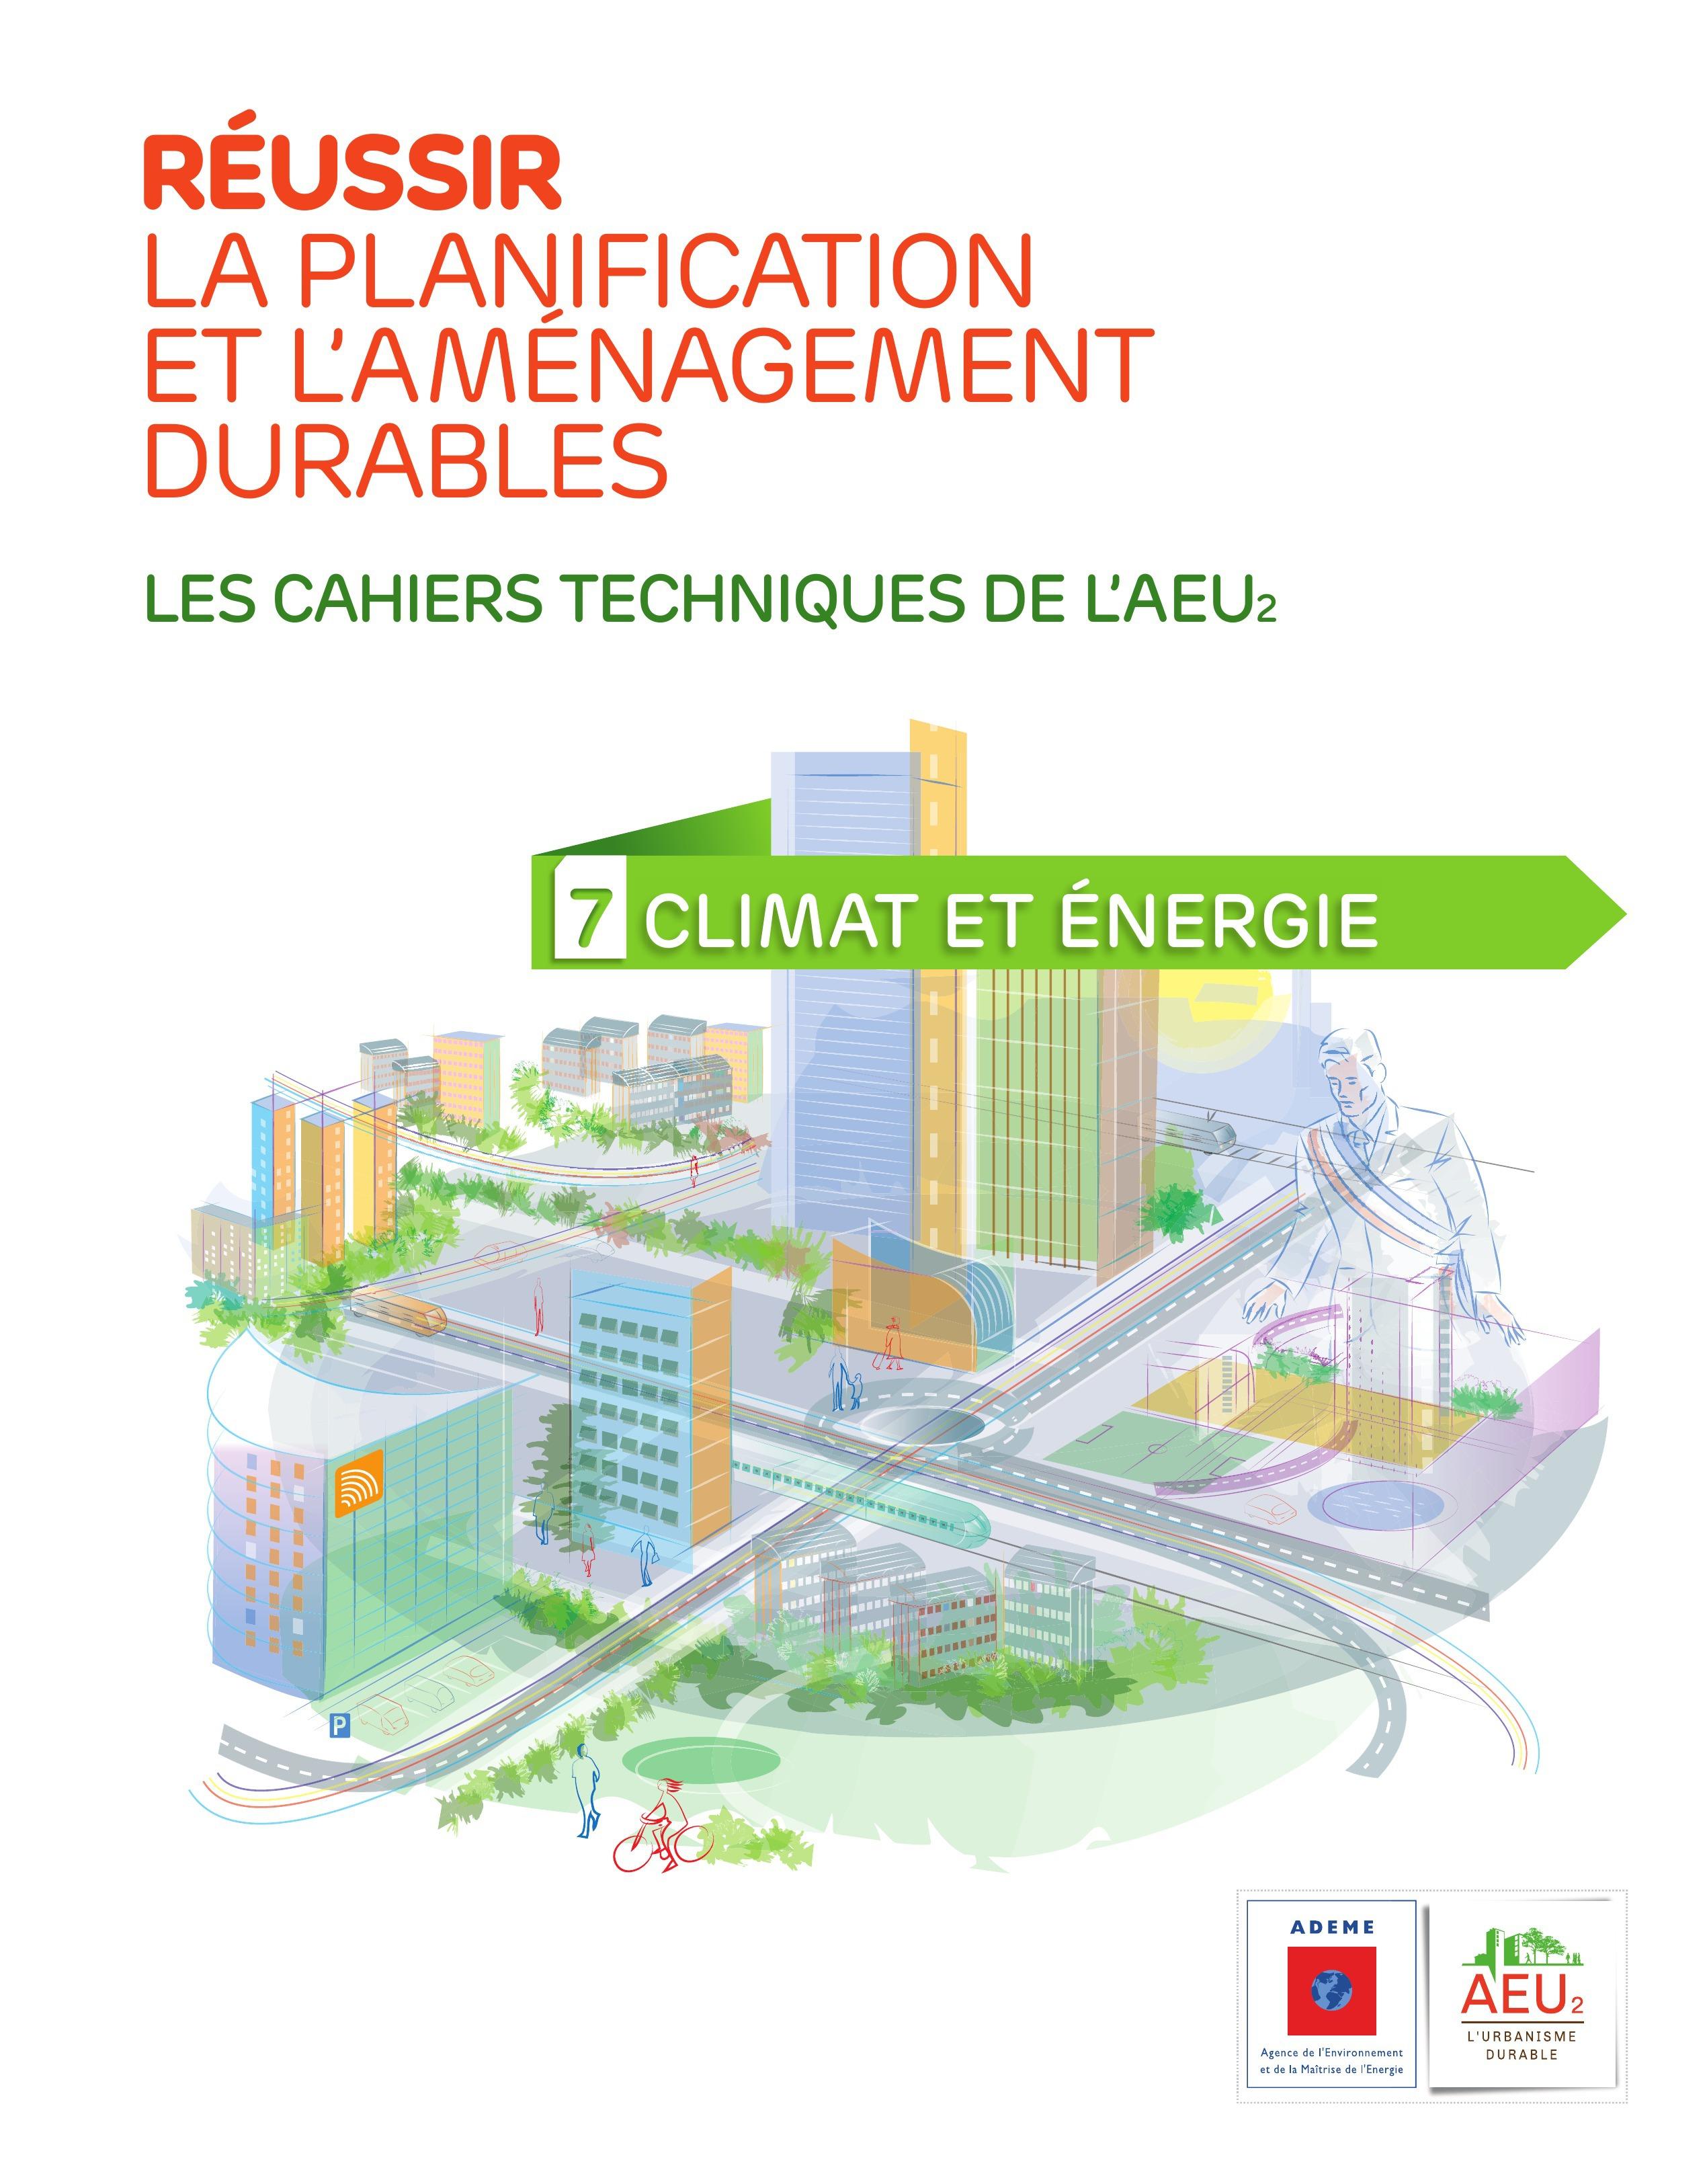 Climat et energie cahiers techniques de l'aeu2 - reussir la planification et l'amenagement durables